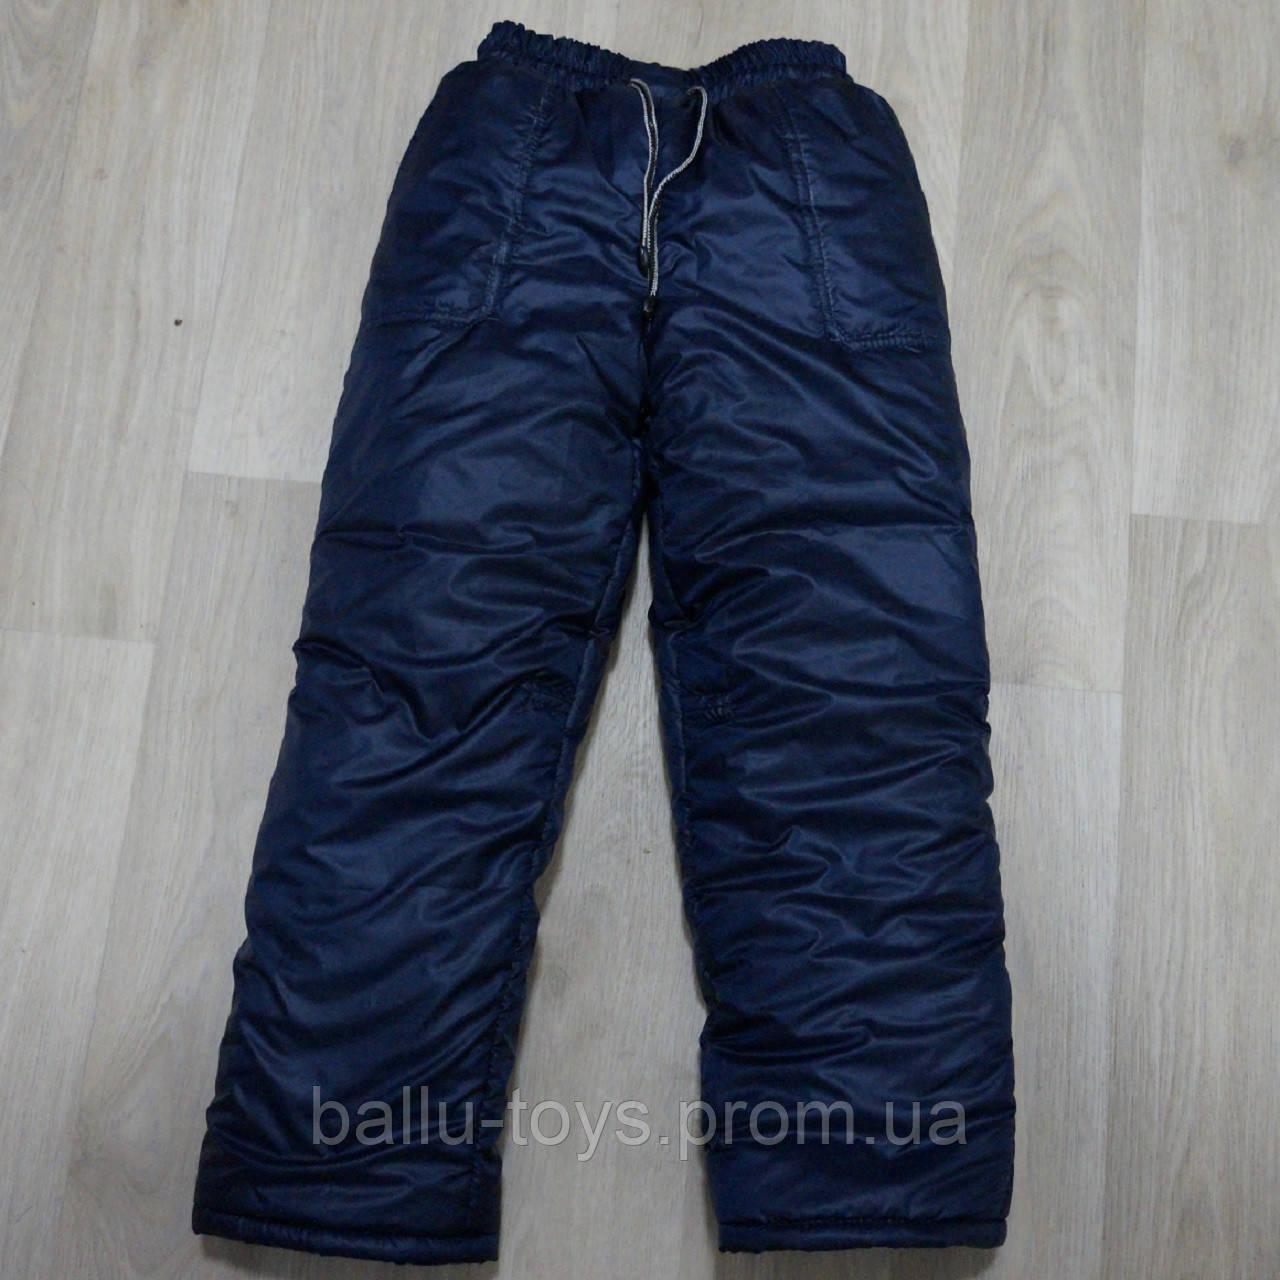 Детские зимние штаны на флисе на 5-9 лет, фото 1